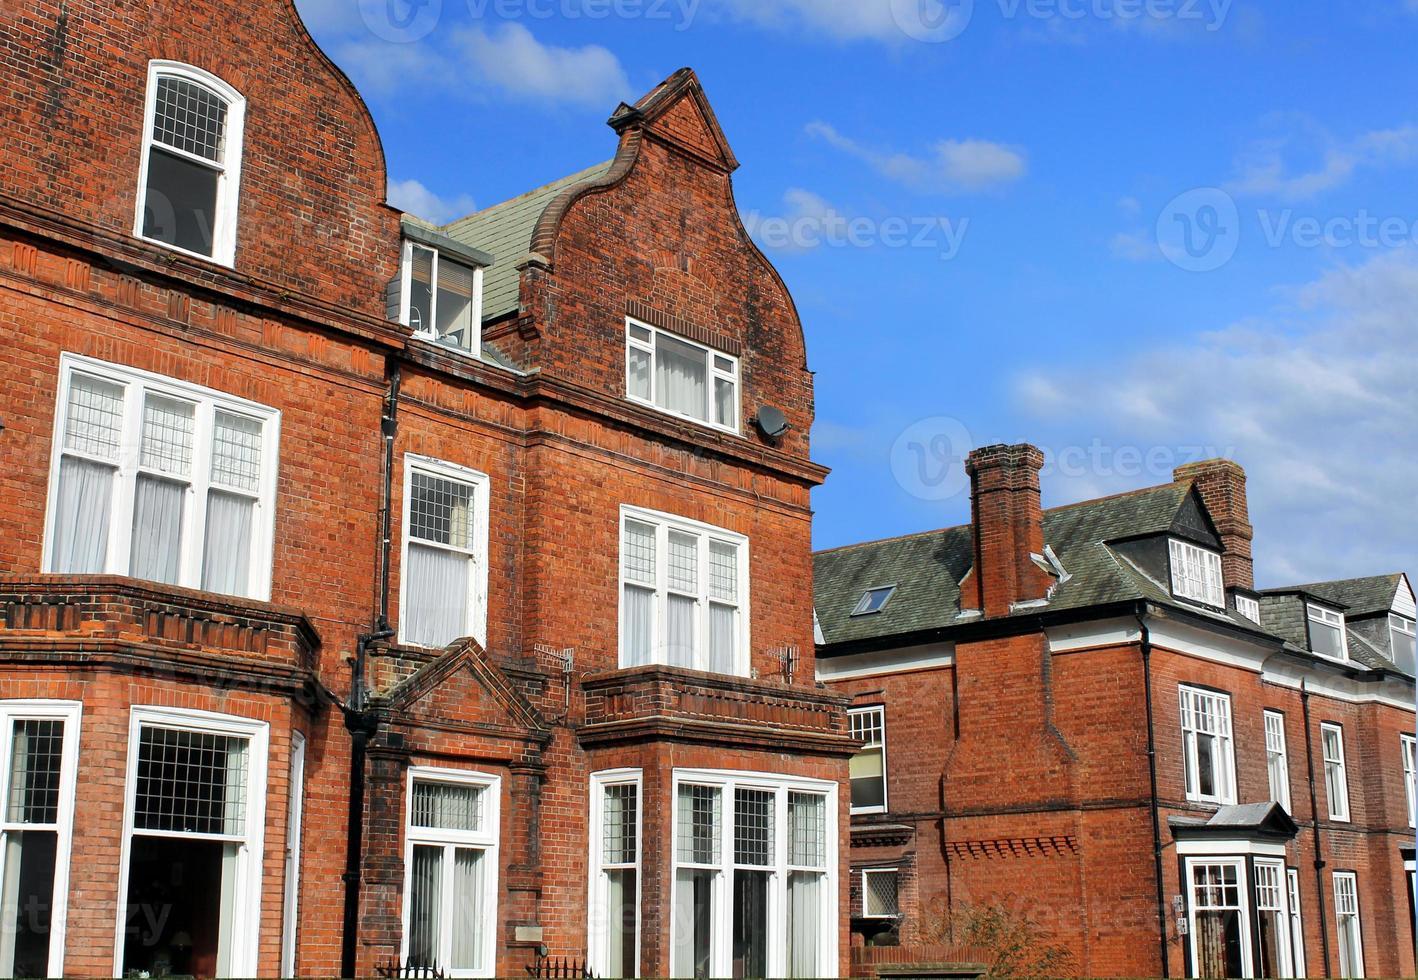 fila di case di mattoni rossi in strada foto